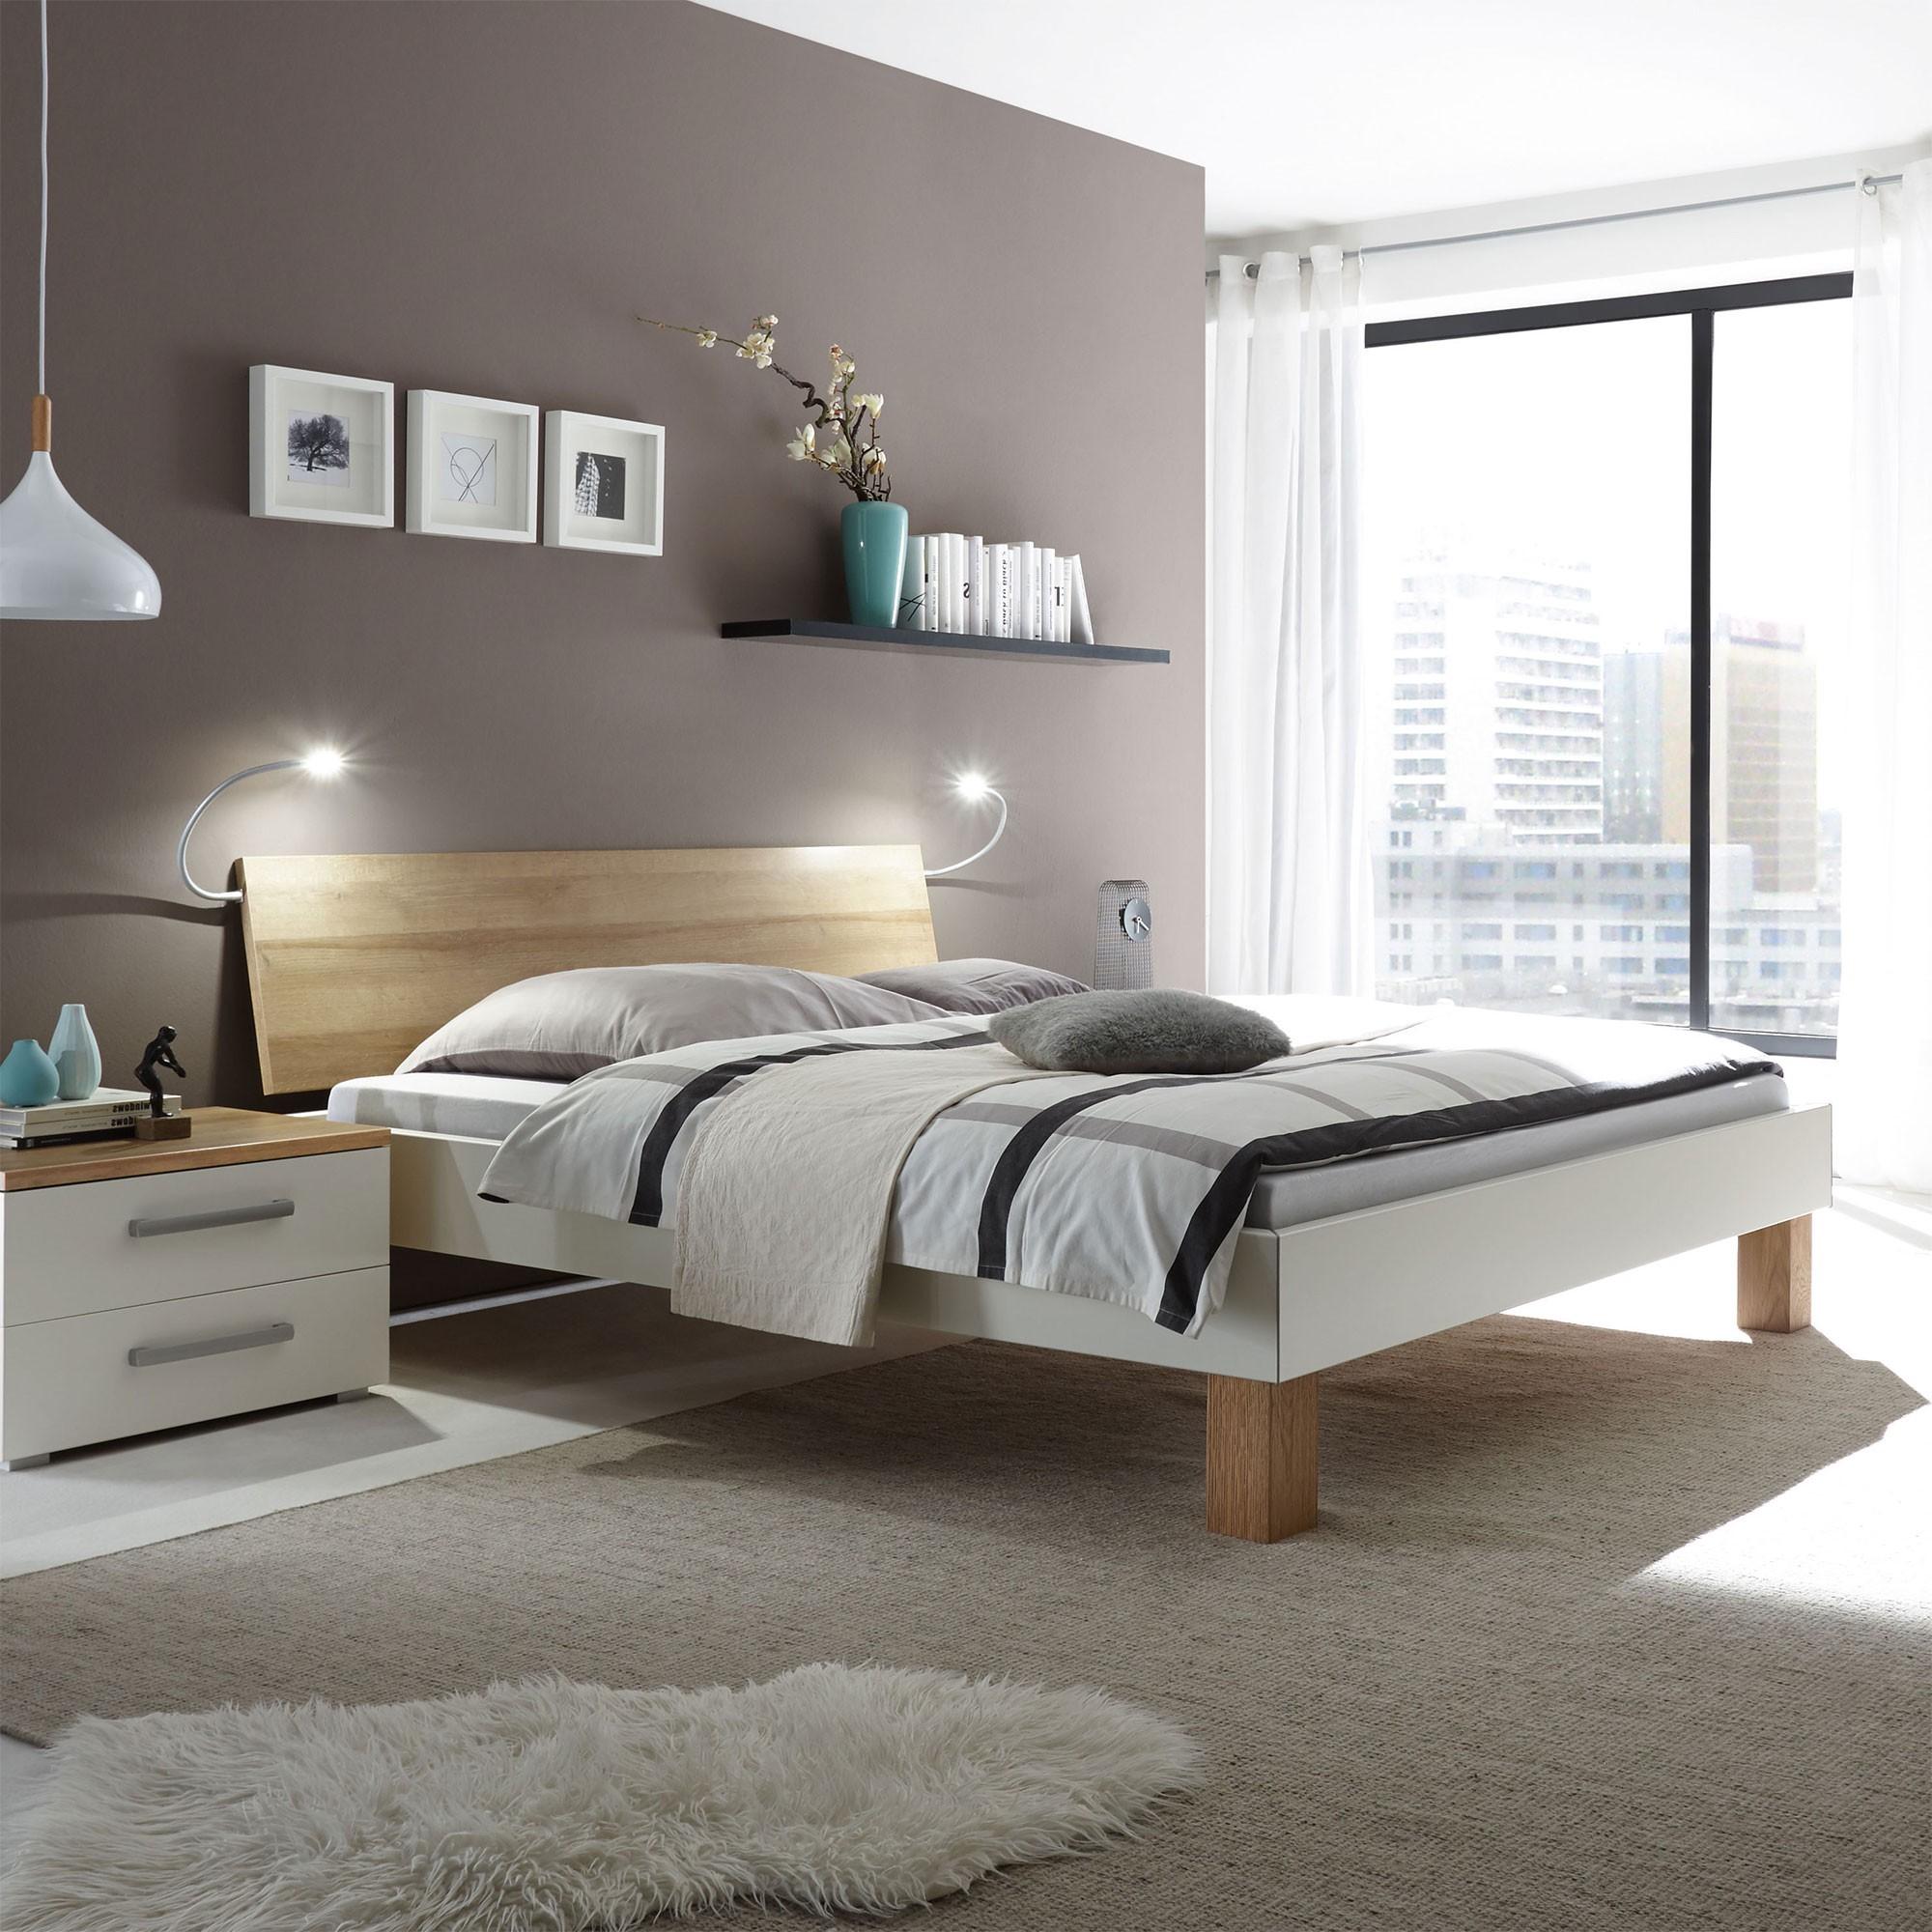 Full Size of Hasena Top Line Bett Advance 18 Cantu Orva Online Kaufen Belama Betten 120x200 Landhausstil Günstige Schlafzimmer Komplett Wohnwert Bei Ikea Für Teenager Bett Günstige Betten